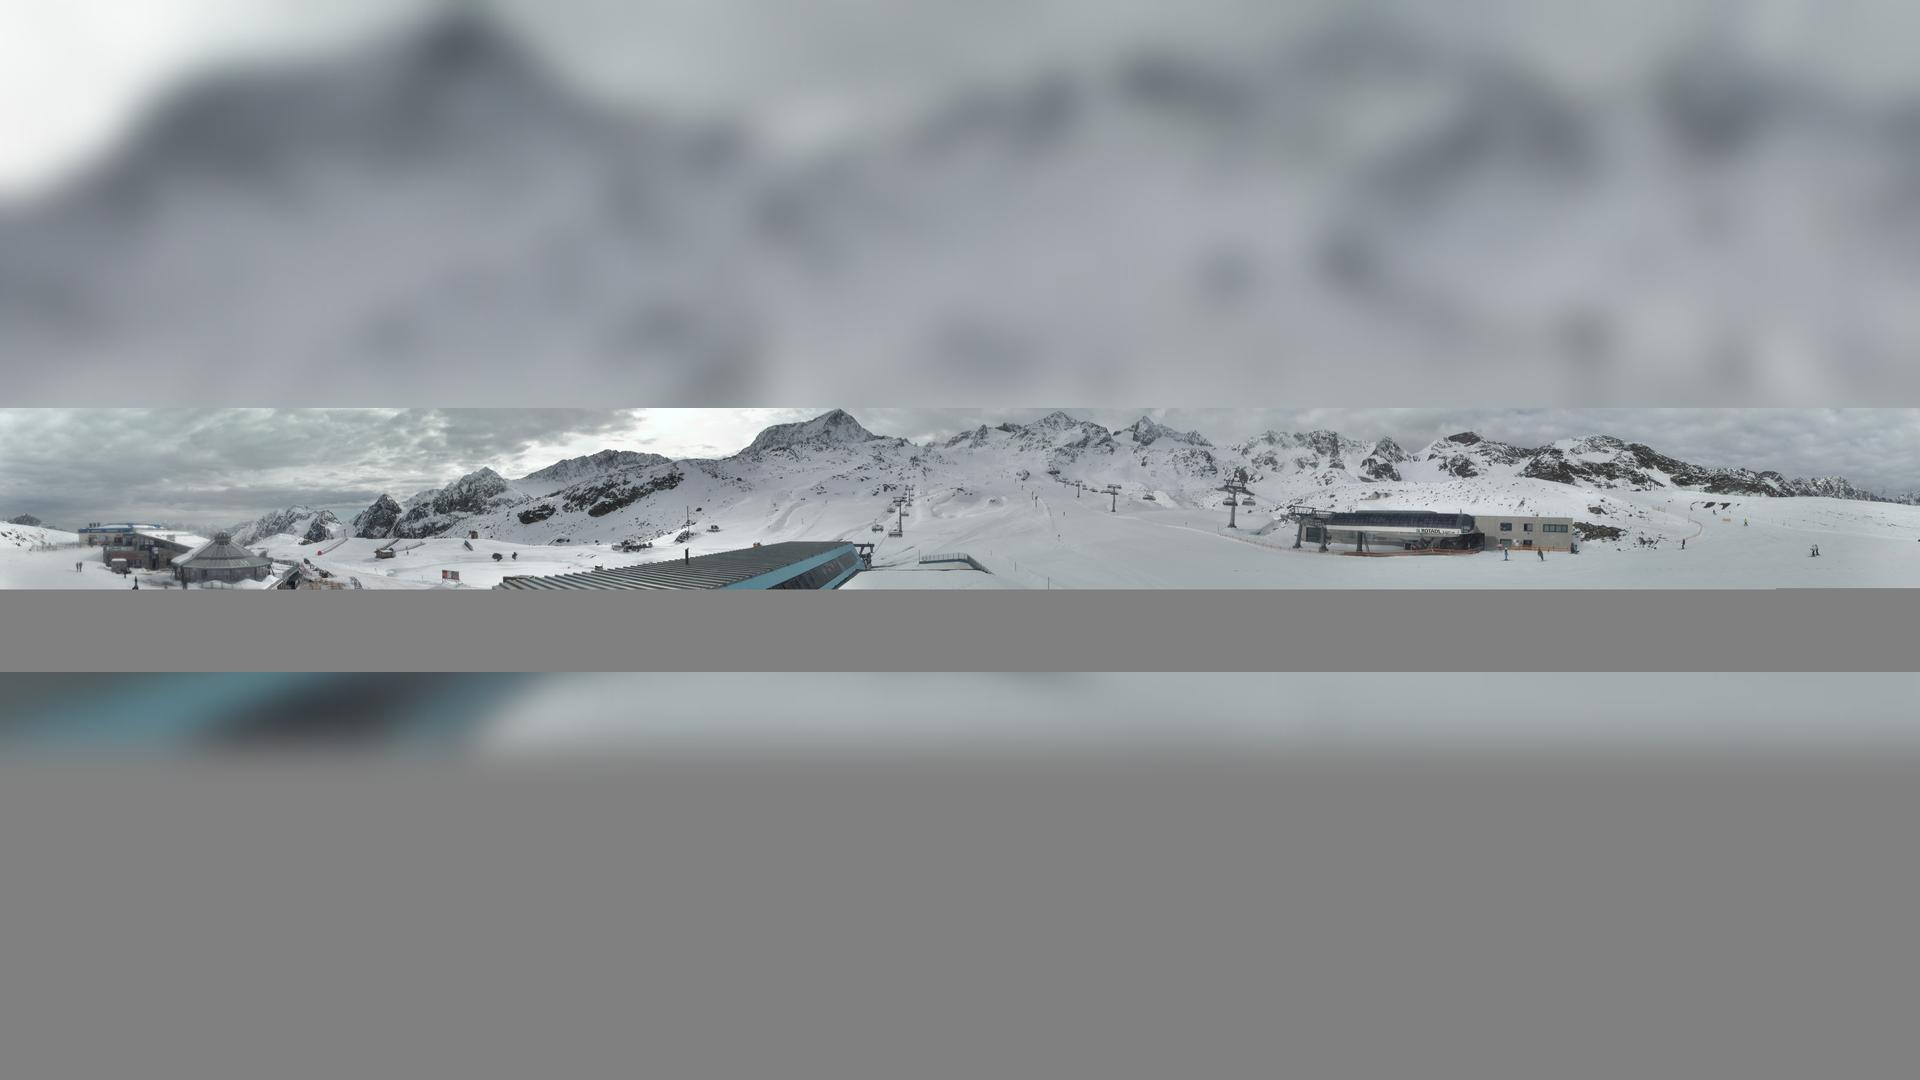 Webkamera Mutterbergalm: Gamsgarten Stubaier Gletscher